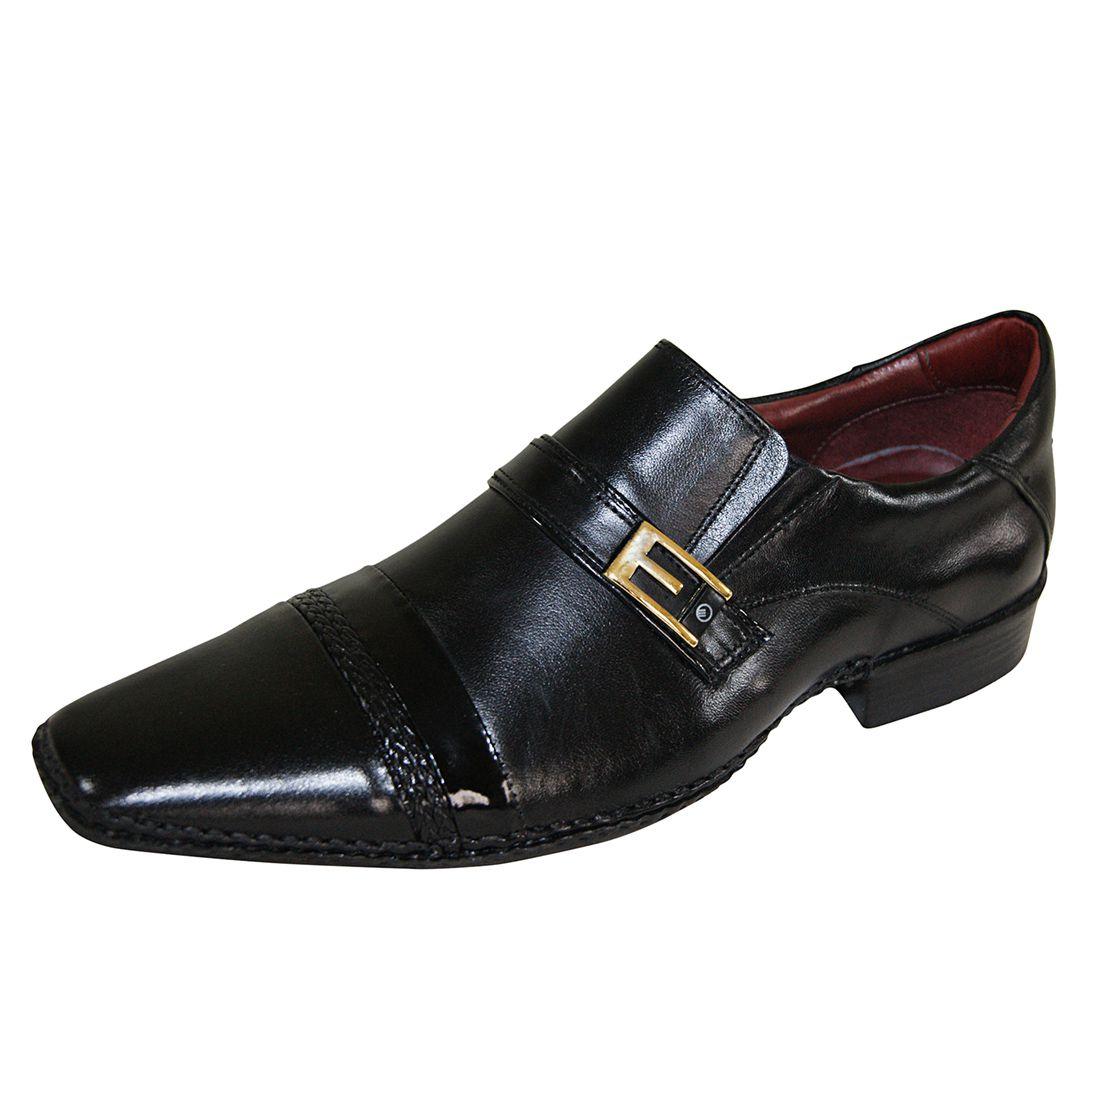 Sapato Social Gofer Couro Verniz Premium